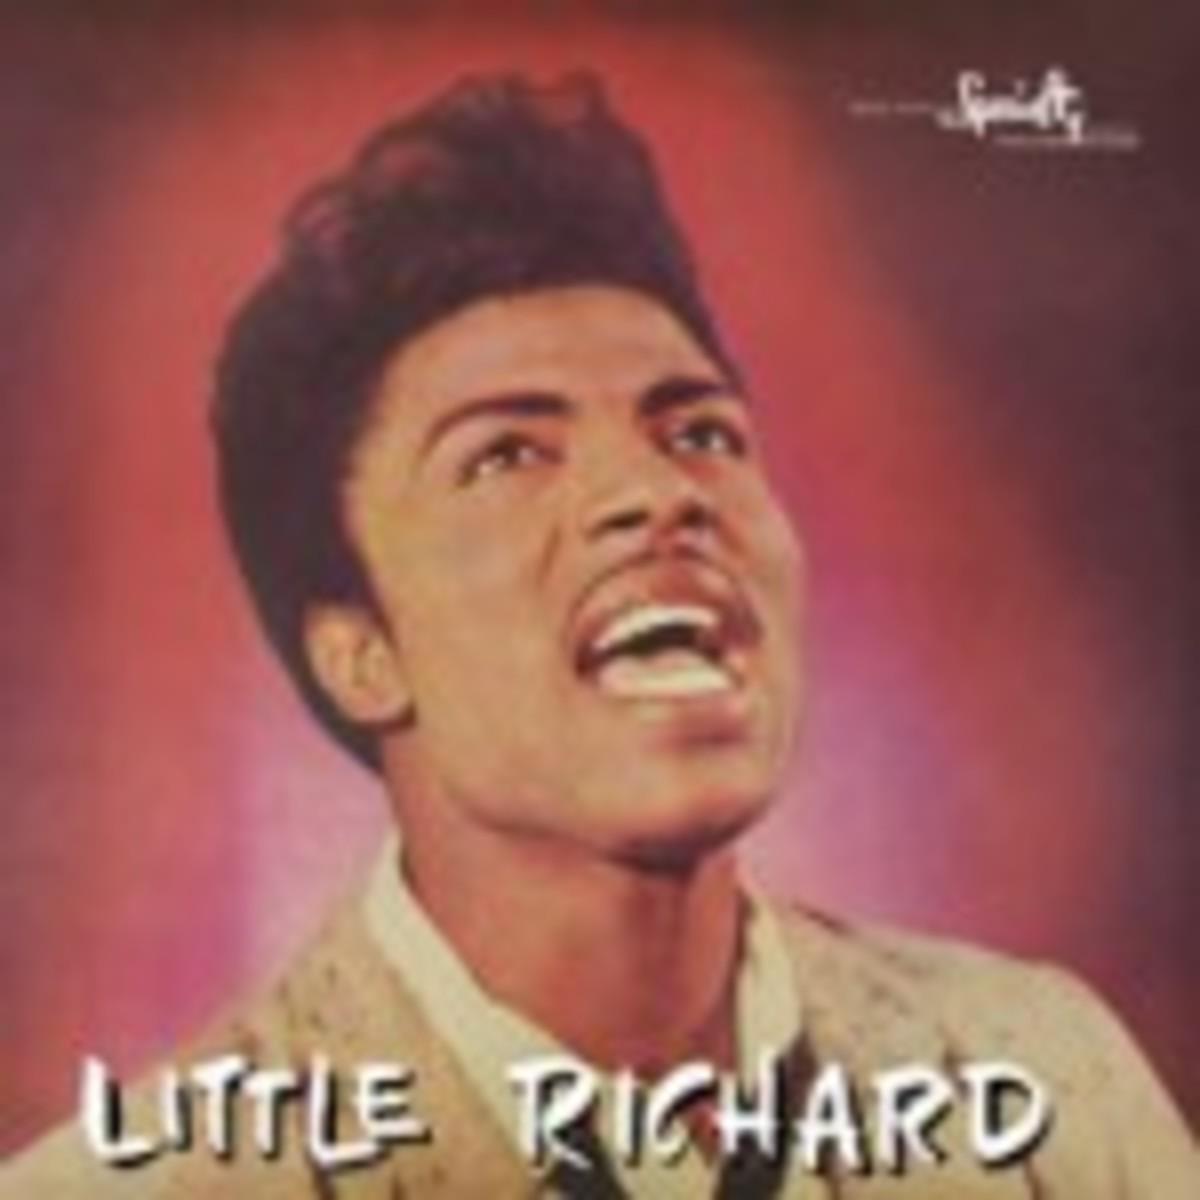 Little Richard album on vinyl